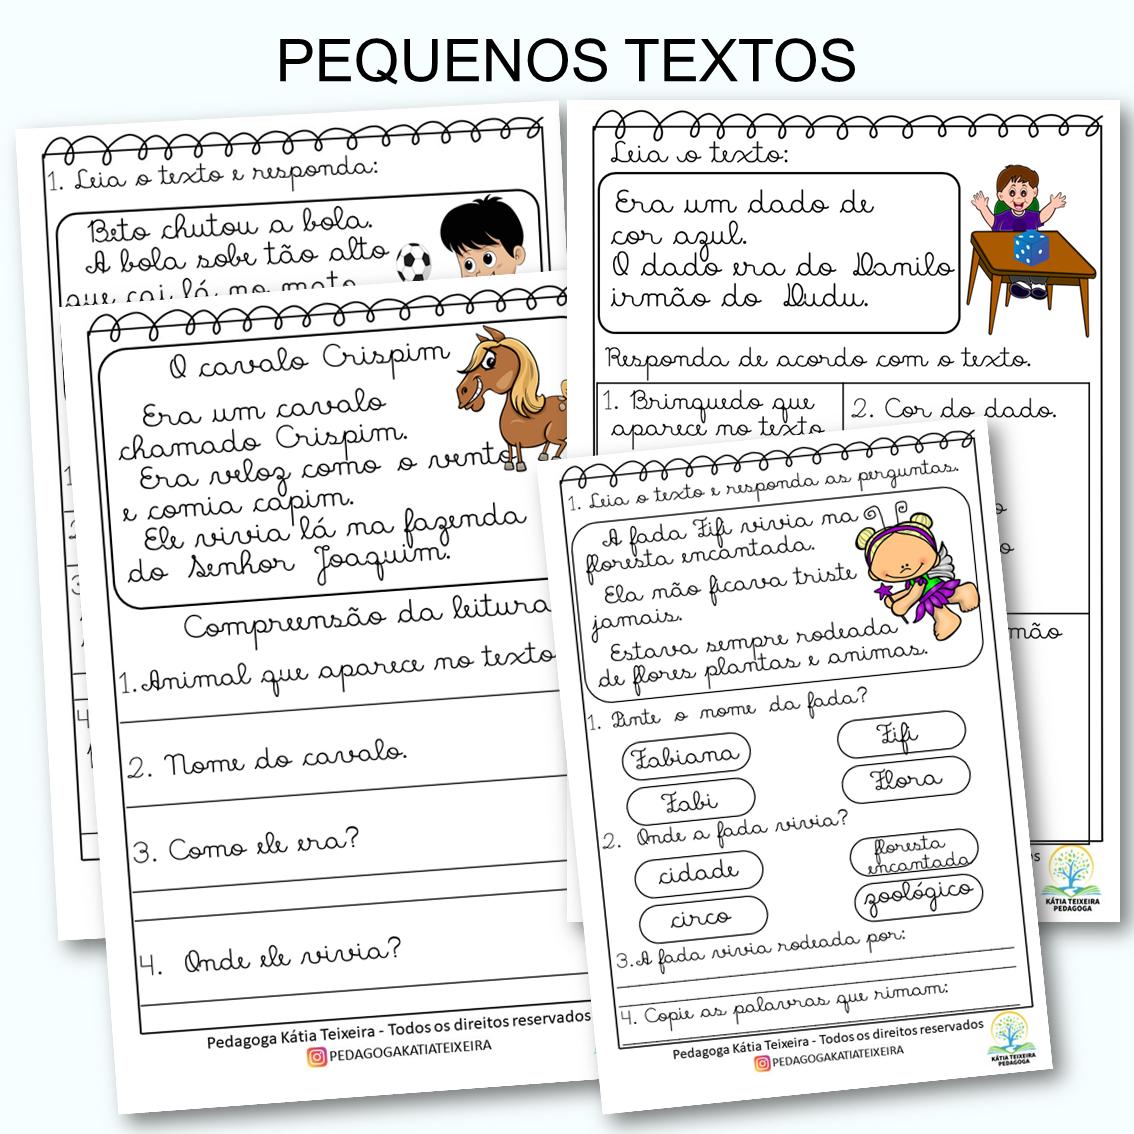 04 Pequenos Textos letra cursiva com atividades